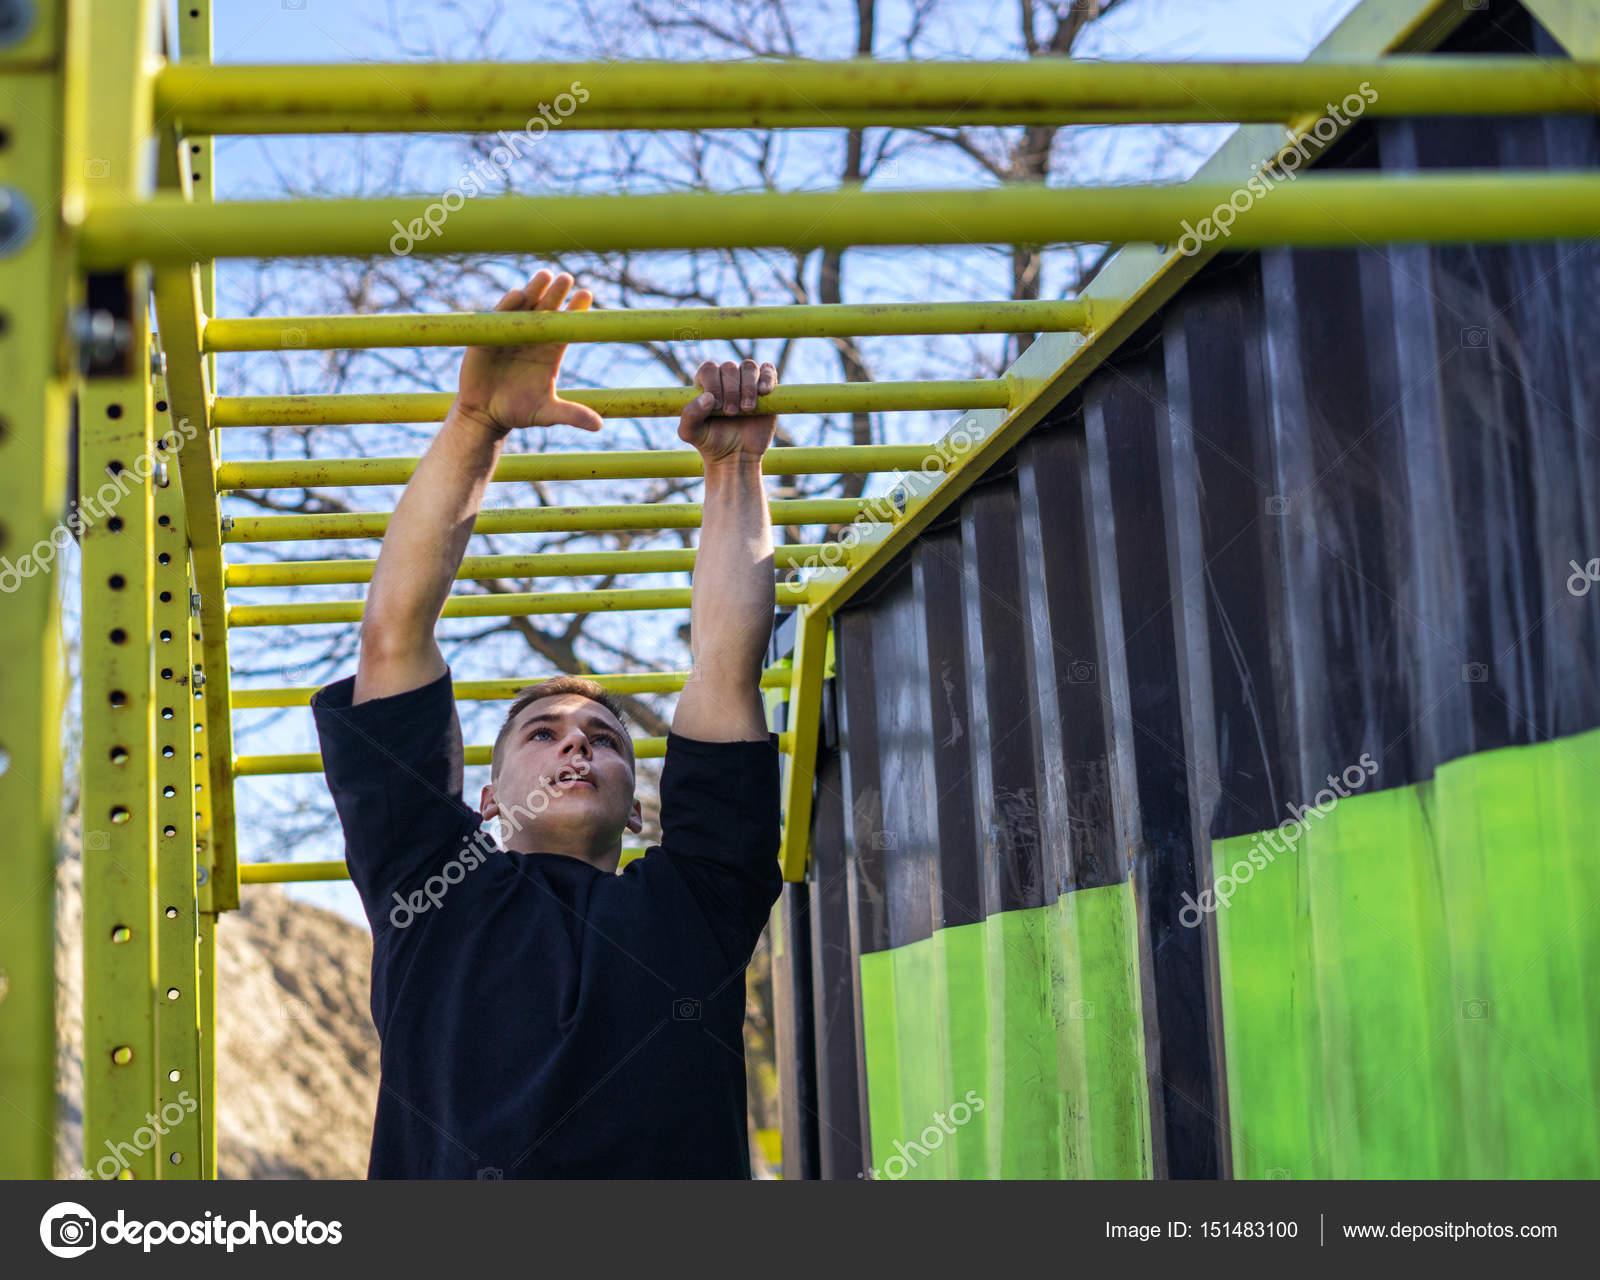 Klettergerüst Turnhalle : Männlicher athlet schwingt auf klettergerüst u stockfoto igor